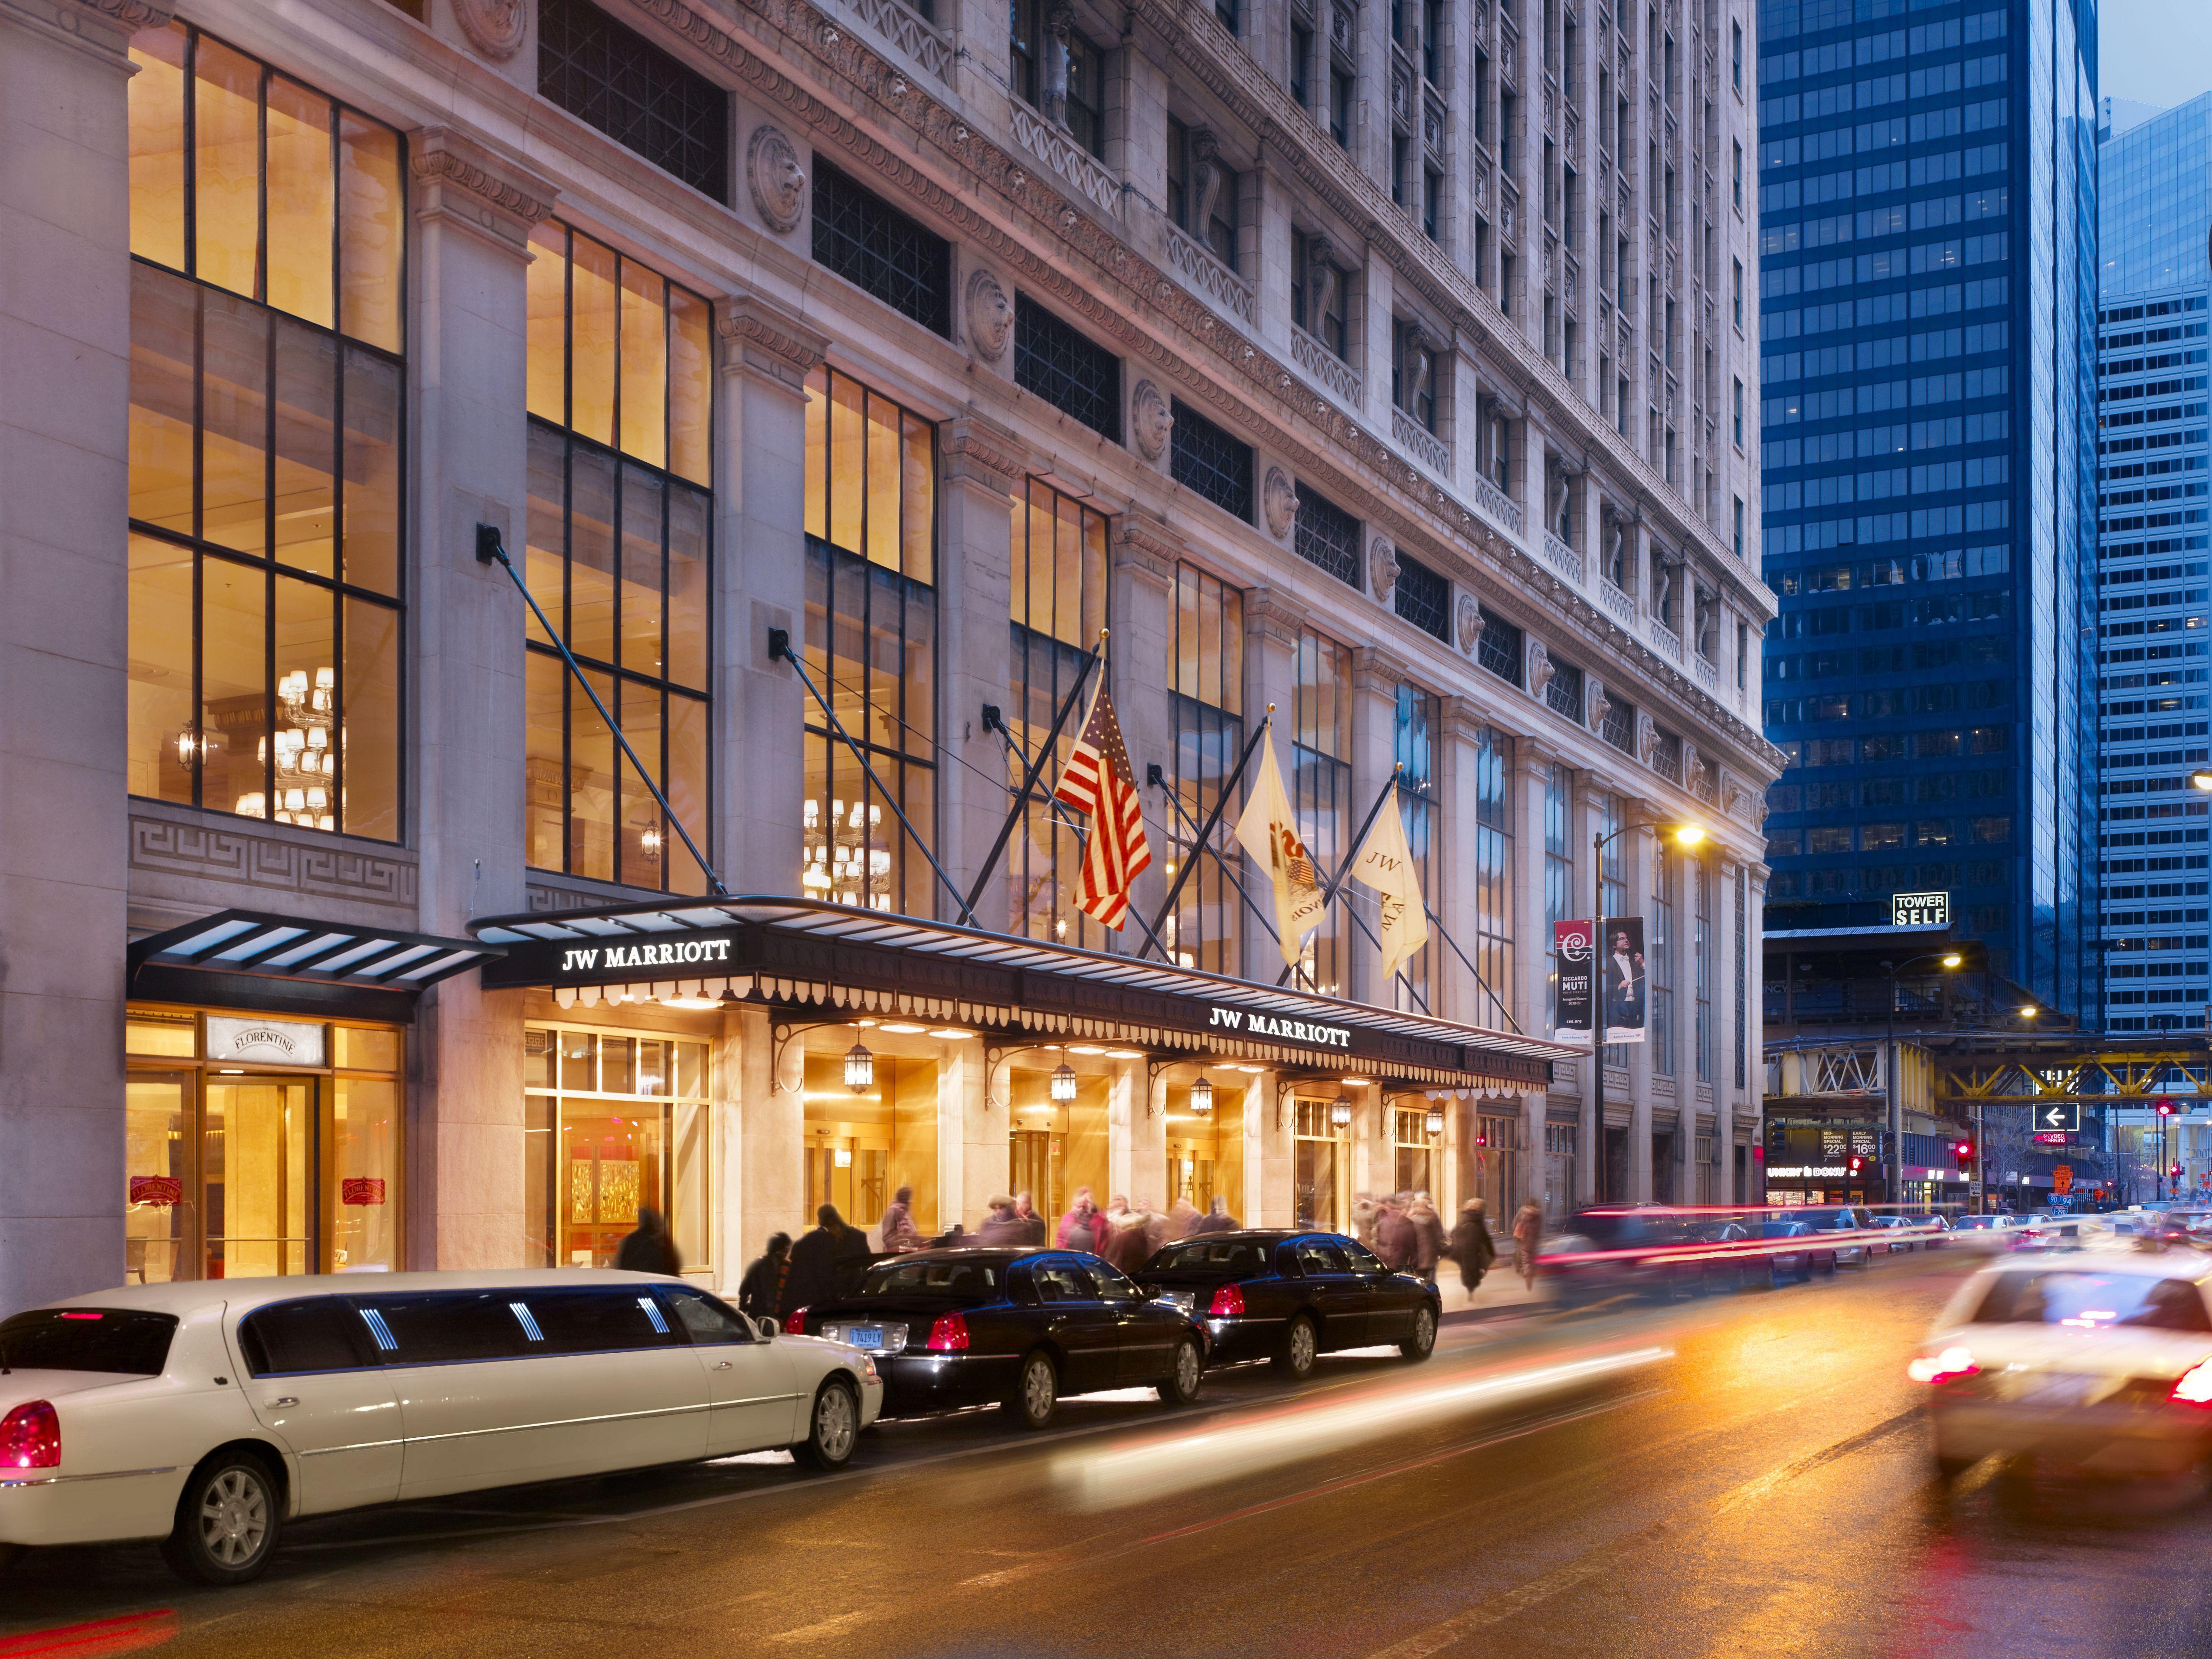 JWMarriott Chicago